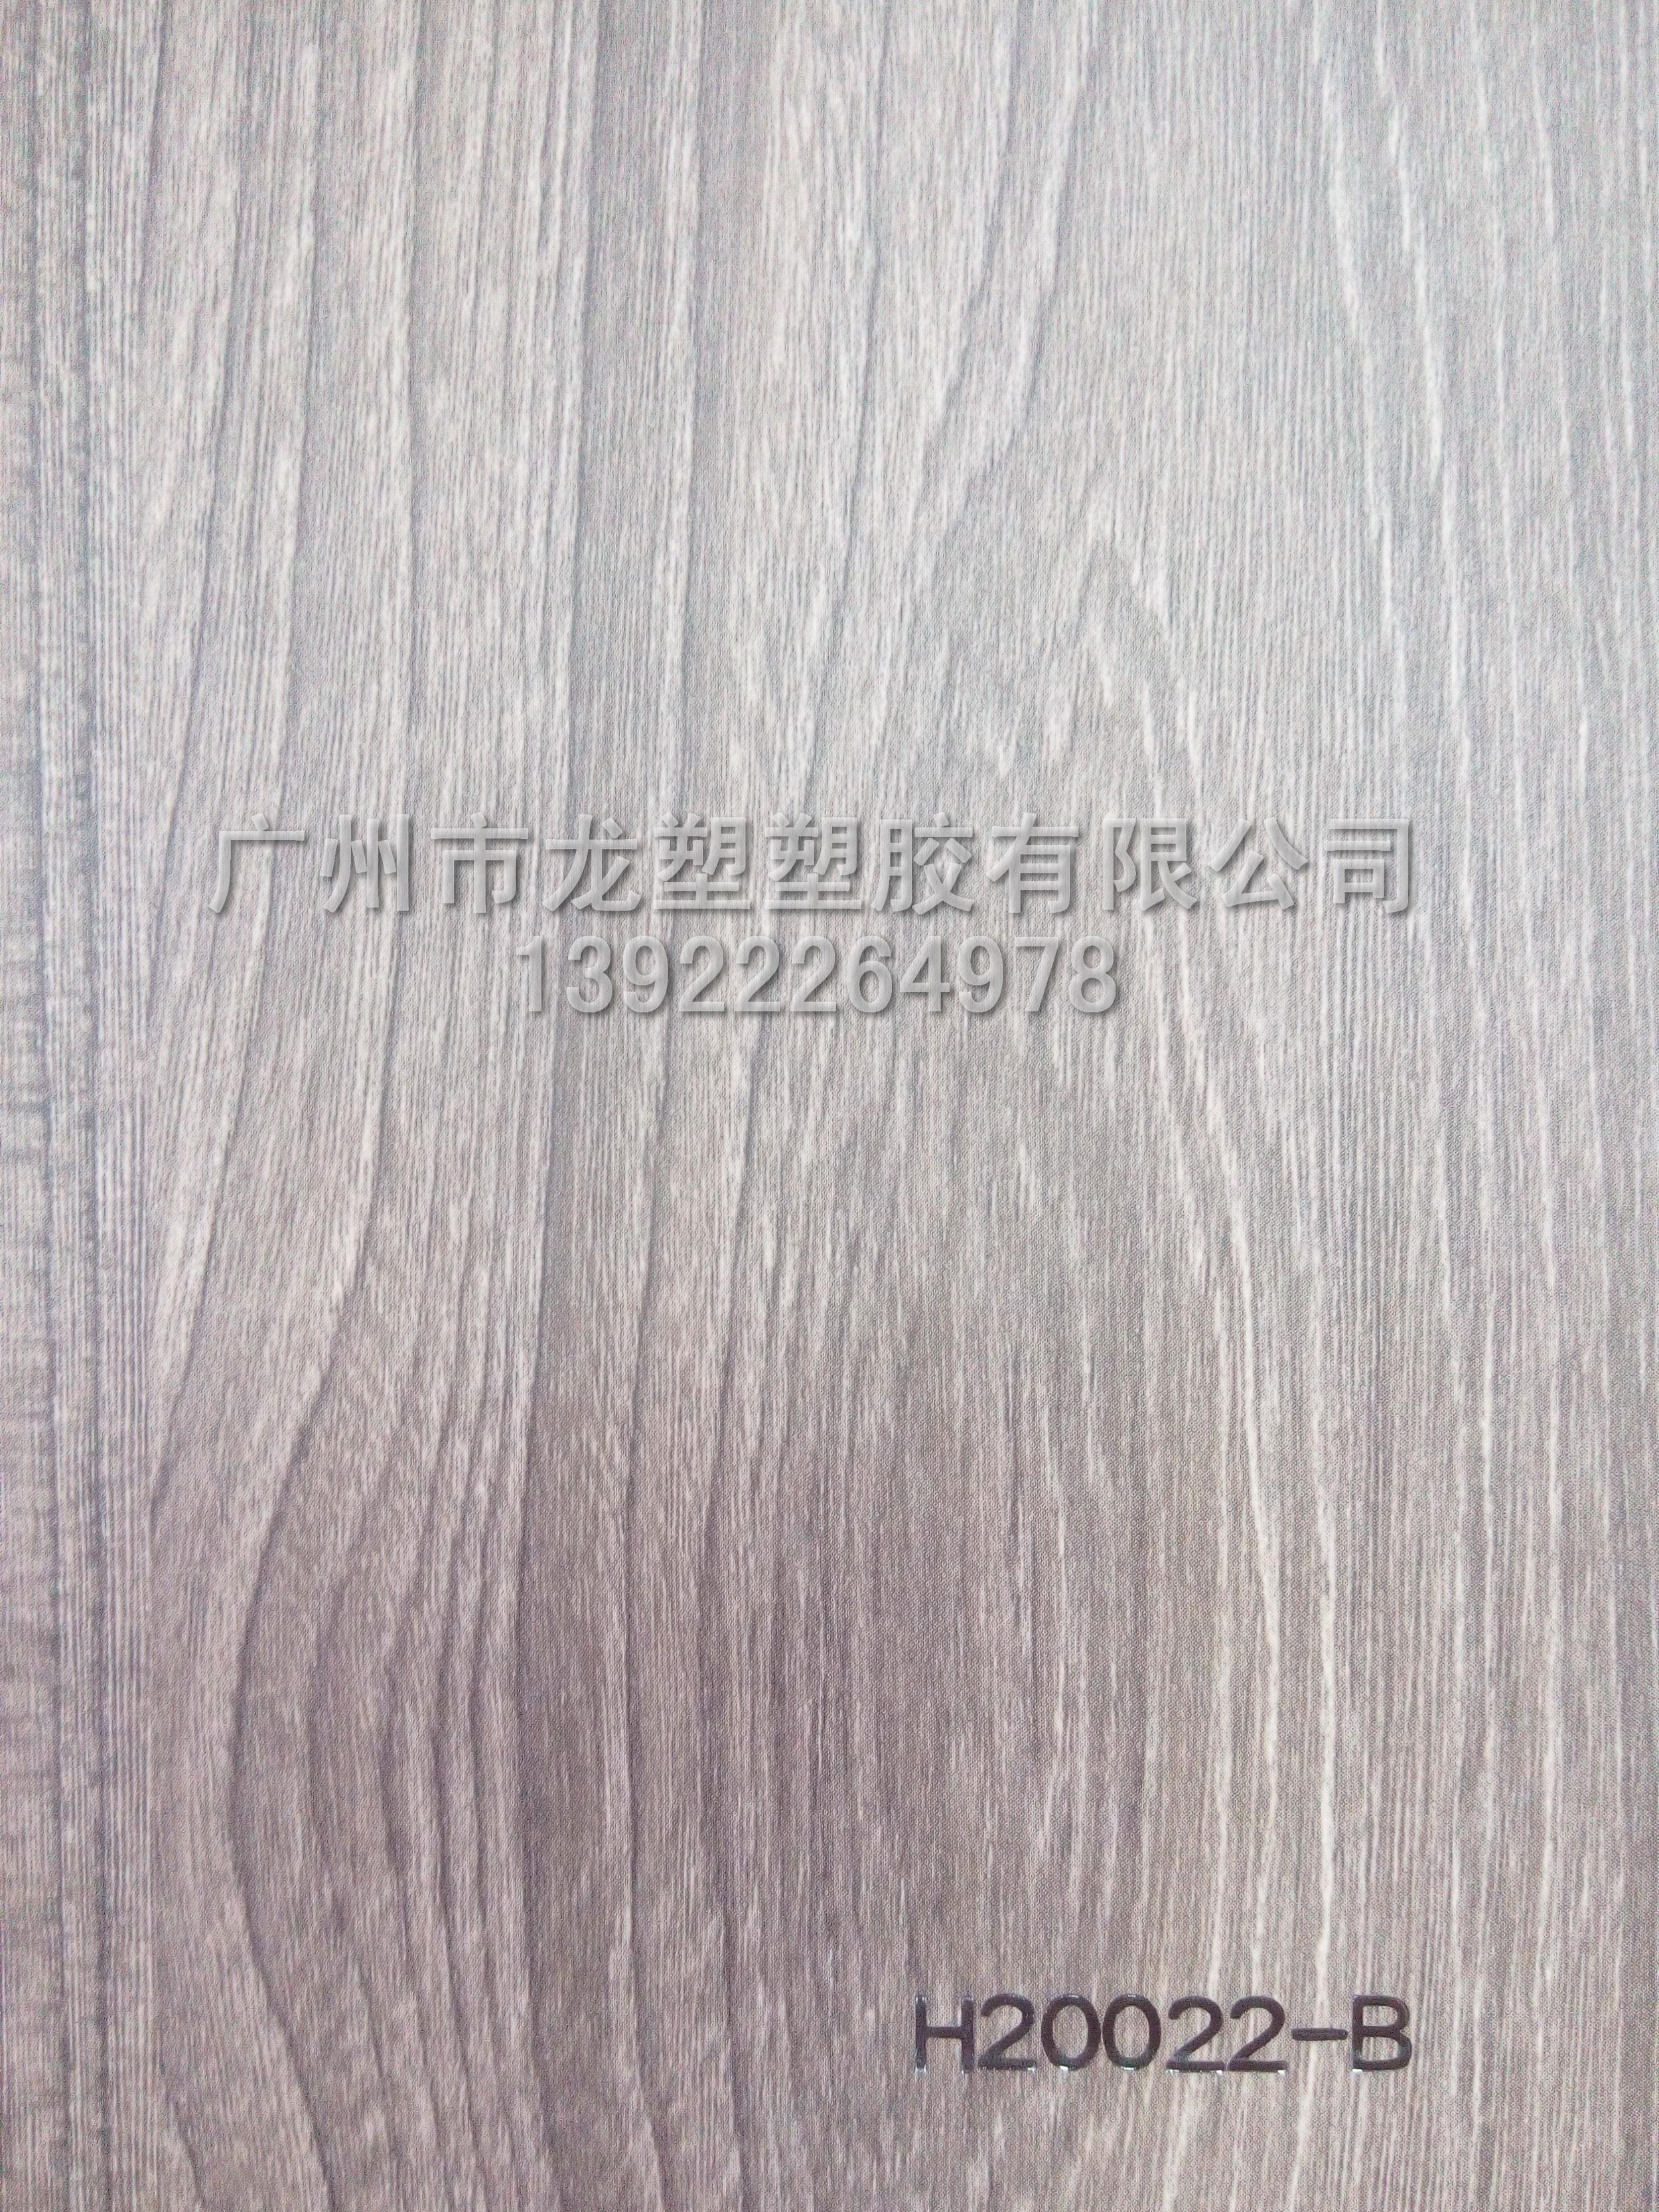 生产厂家:其他 牌号:其他 用途级别:其他  产品规格 厚度:0.12mm-0.40mm(现货常规的为:0.12MM-0.14MM-0.16MM,其他厚度定做) 宽度:1250mm;-1280MM 长度:200-500米/卷(根据厚度) 材质:PVC 产品用途 用于:免漆门、移门百叶板,波浪板,钢木门,套装门,高分子门,PVC扣板、护墙板、PVC踢脚线、地板、防盗门、免漆家具、音箱、厨柜、移门、卫浴产品制造,可用于密度板、胶合板、钢板、铝板、石膏板、复合地板、ABS塑料板、PVC发泡板、木塑型材等表面覆膜